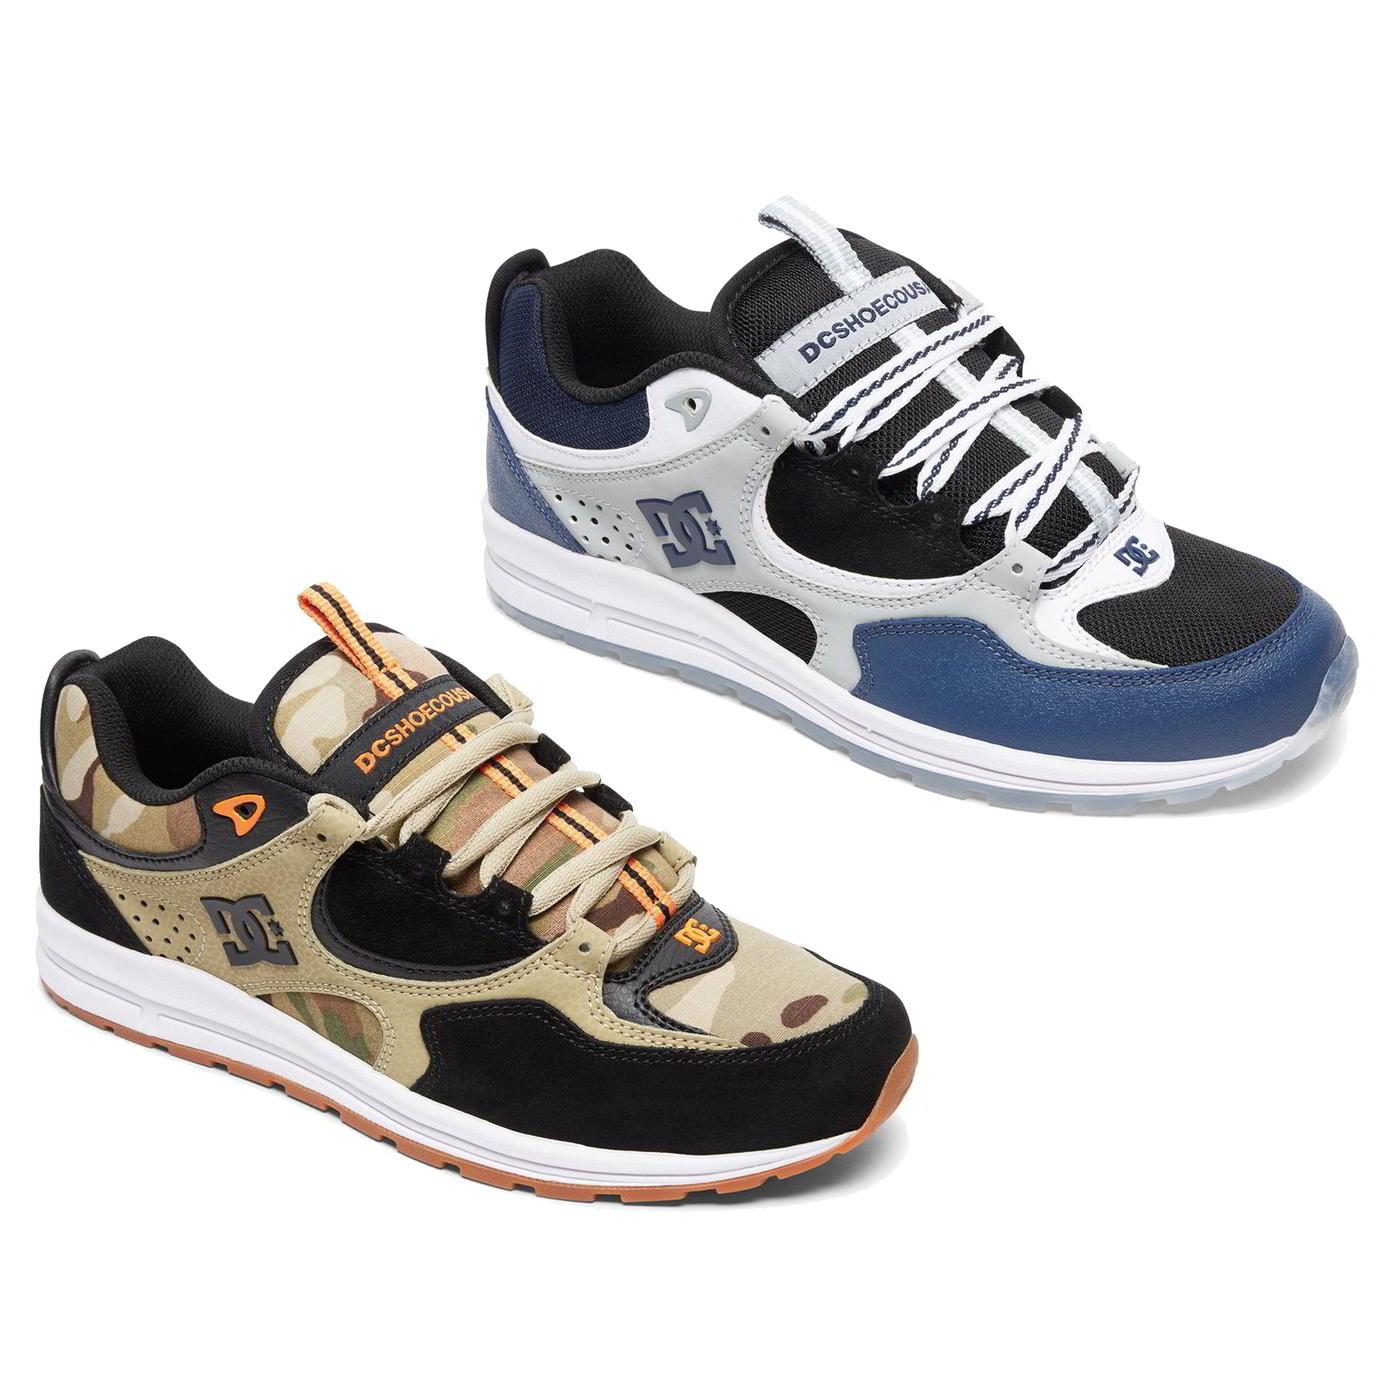 buy online da108 87043 Détails sur DC Shoes Kalis Lite se Homme Bleu & Camouflage Chaussures De  Skate Baskets Taille 8-12- afficher le titre d'origine